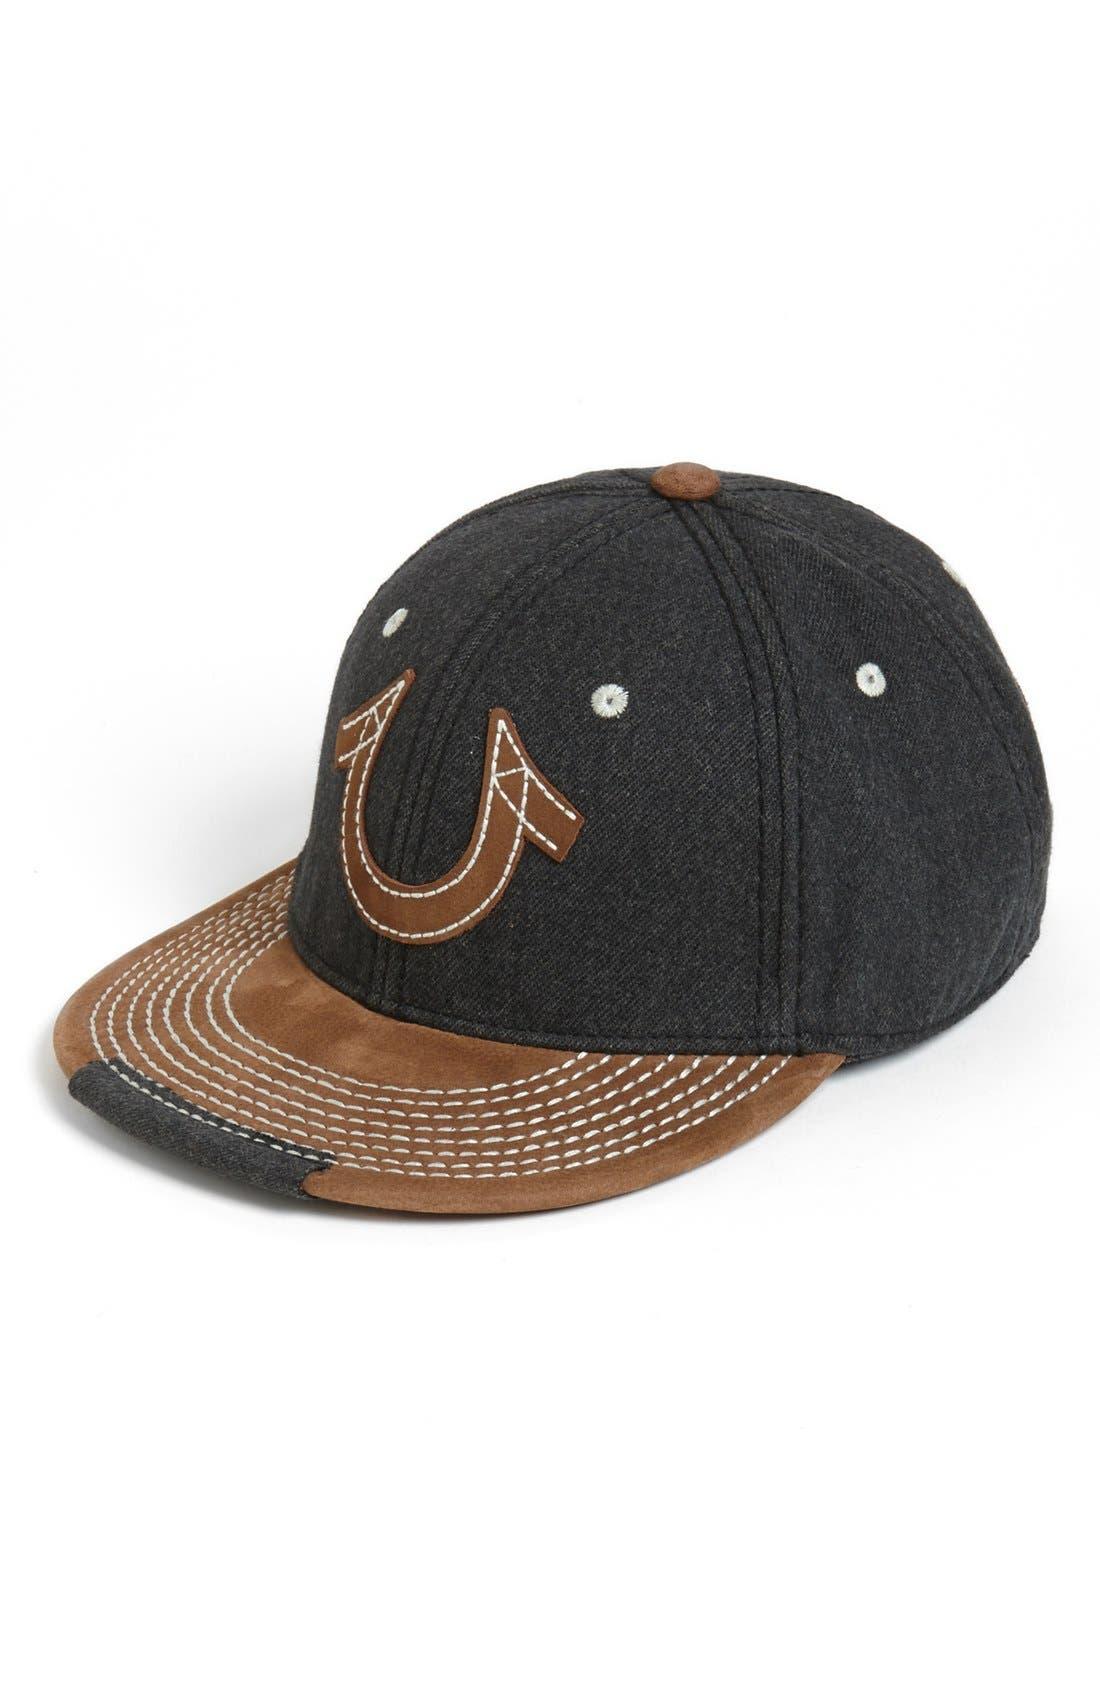 Alternate Image 1 Selected - True Religion Brand Jeans 'Horseshoe' Baseball Cap